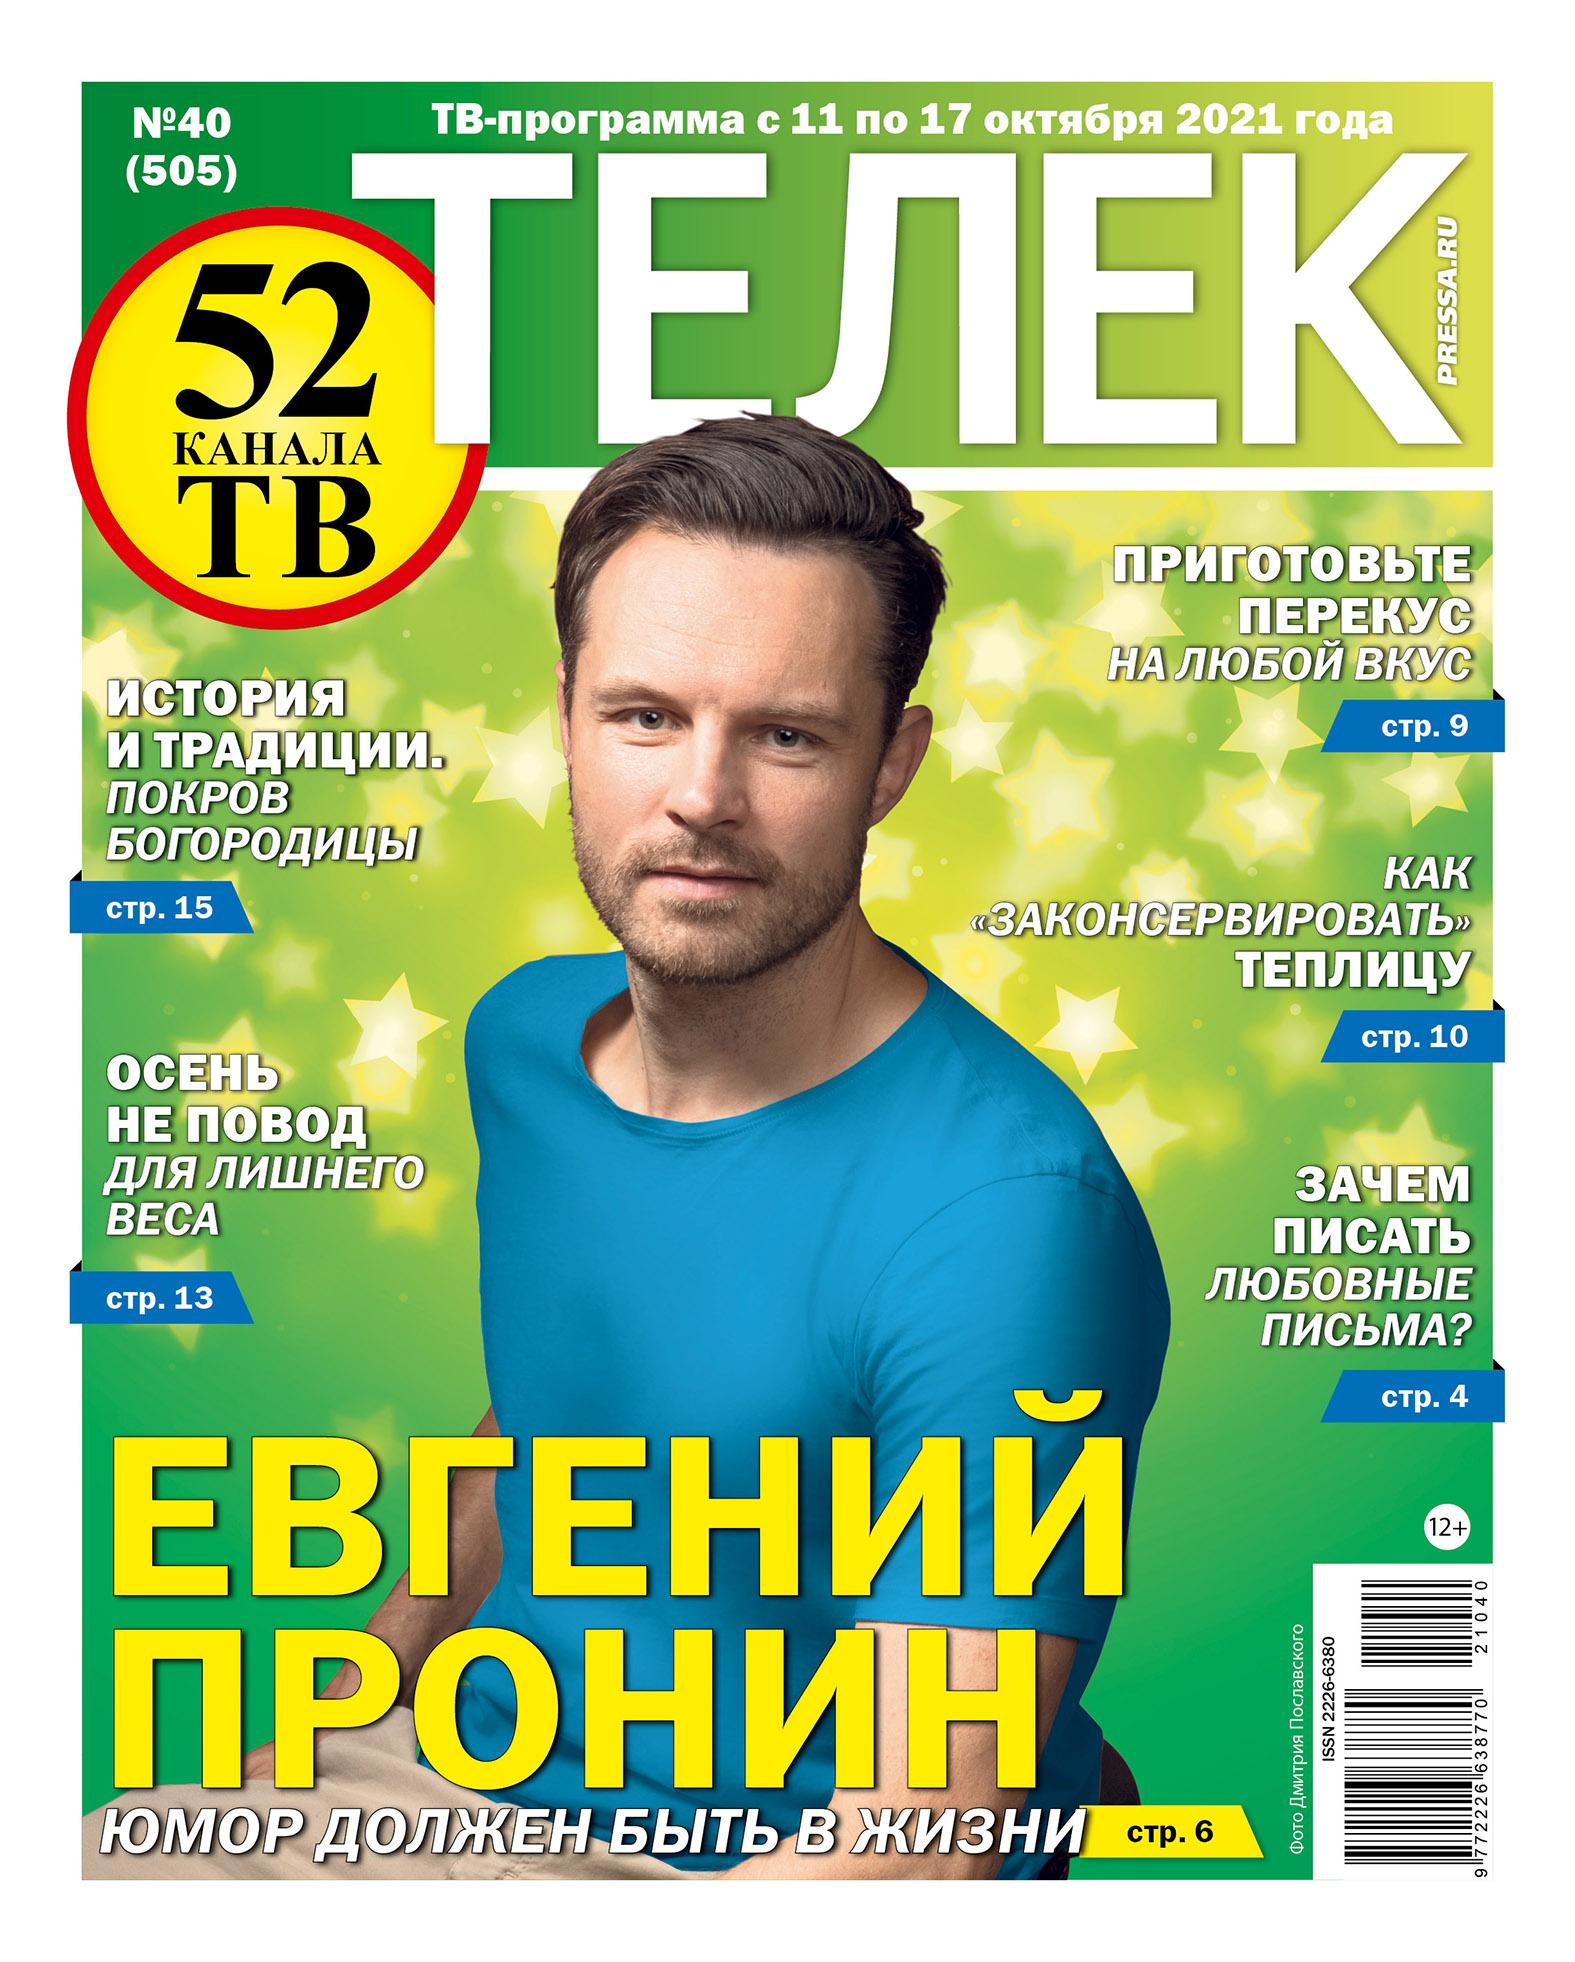 №40 (505) Евгений Пронин